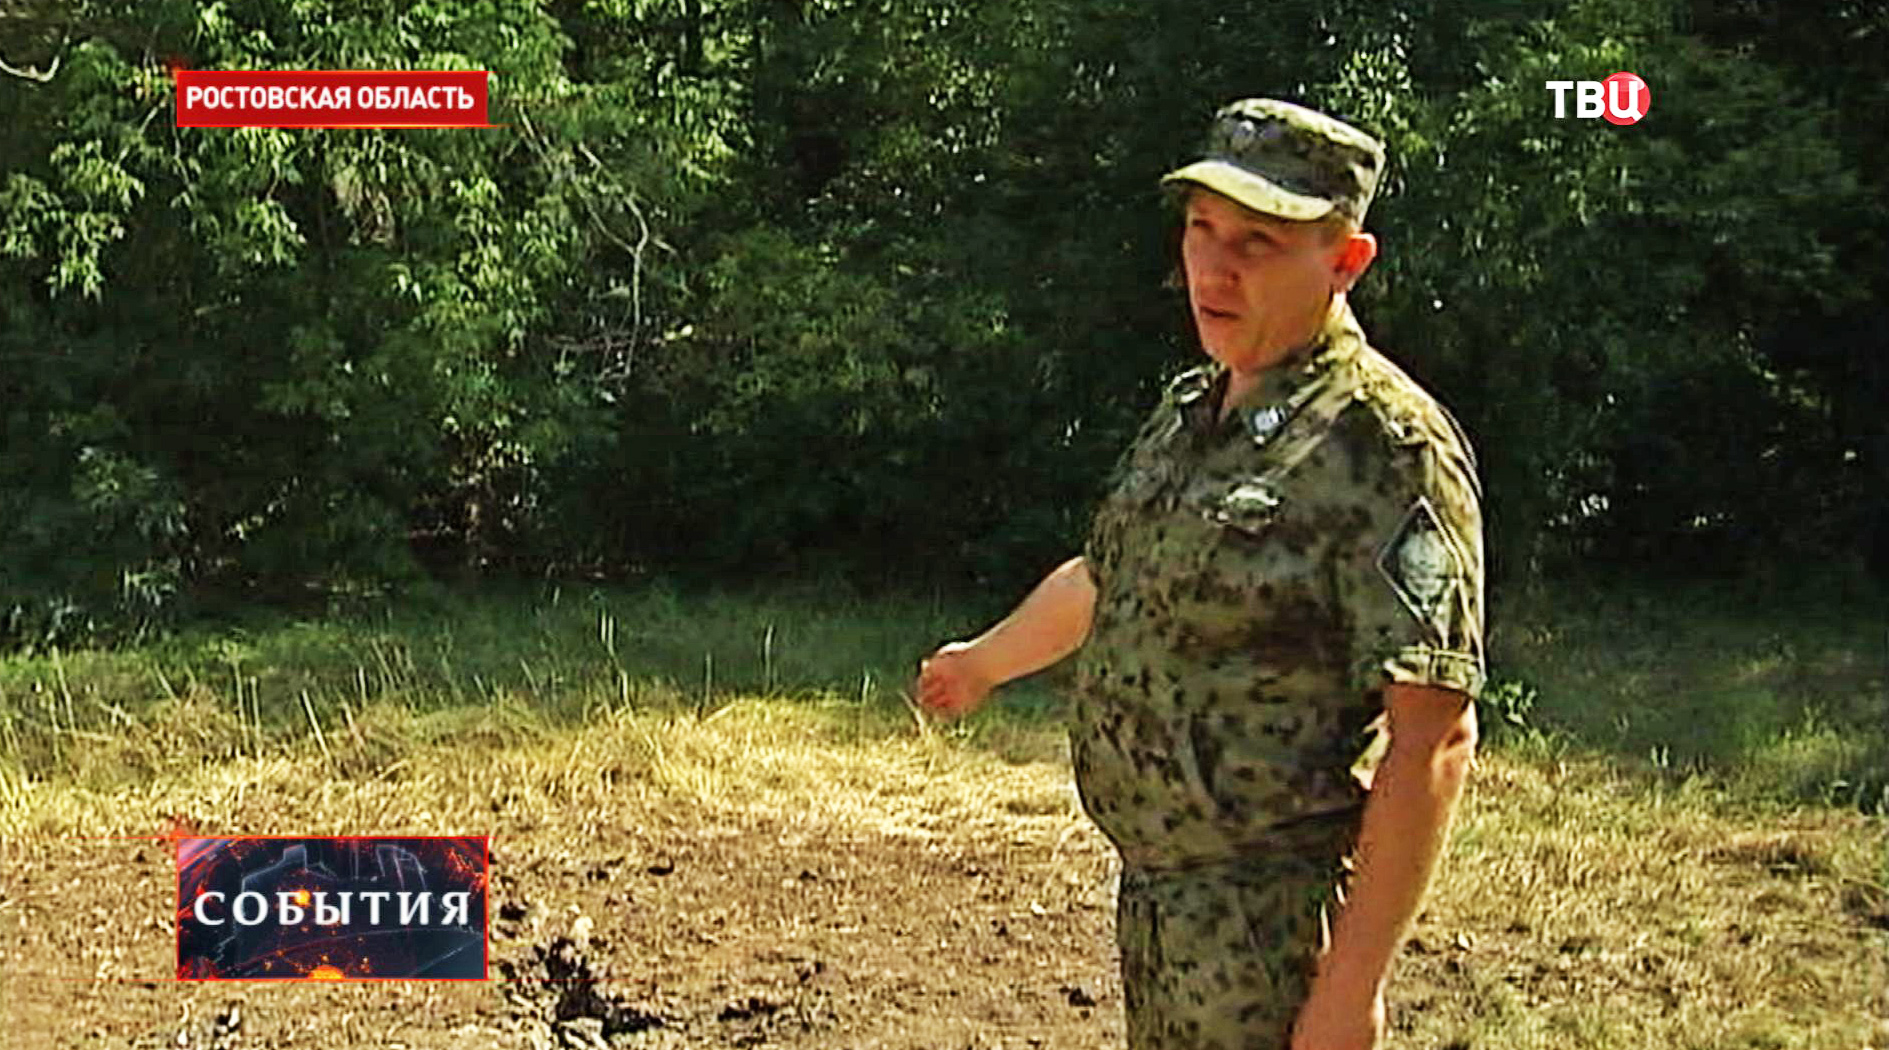 Руководитель пресс-службы погрануправления регионального УФСБ РФ Василий Малаев